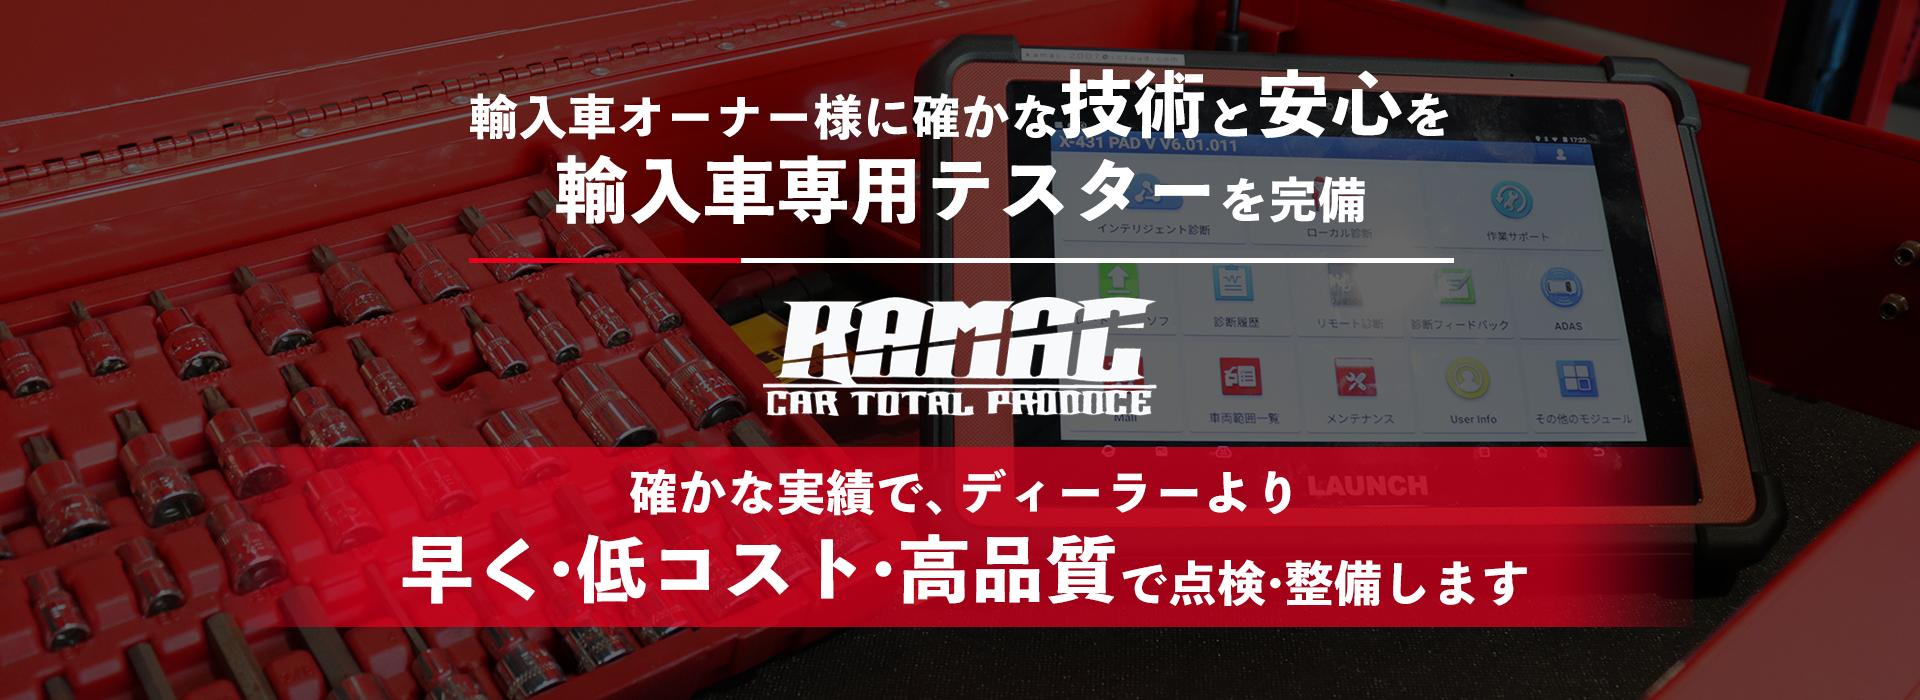 輸入車オーナー様に確かな技術と安心を 輸入車専用テスターを完備 KAMAC